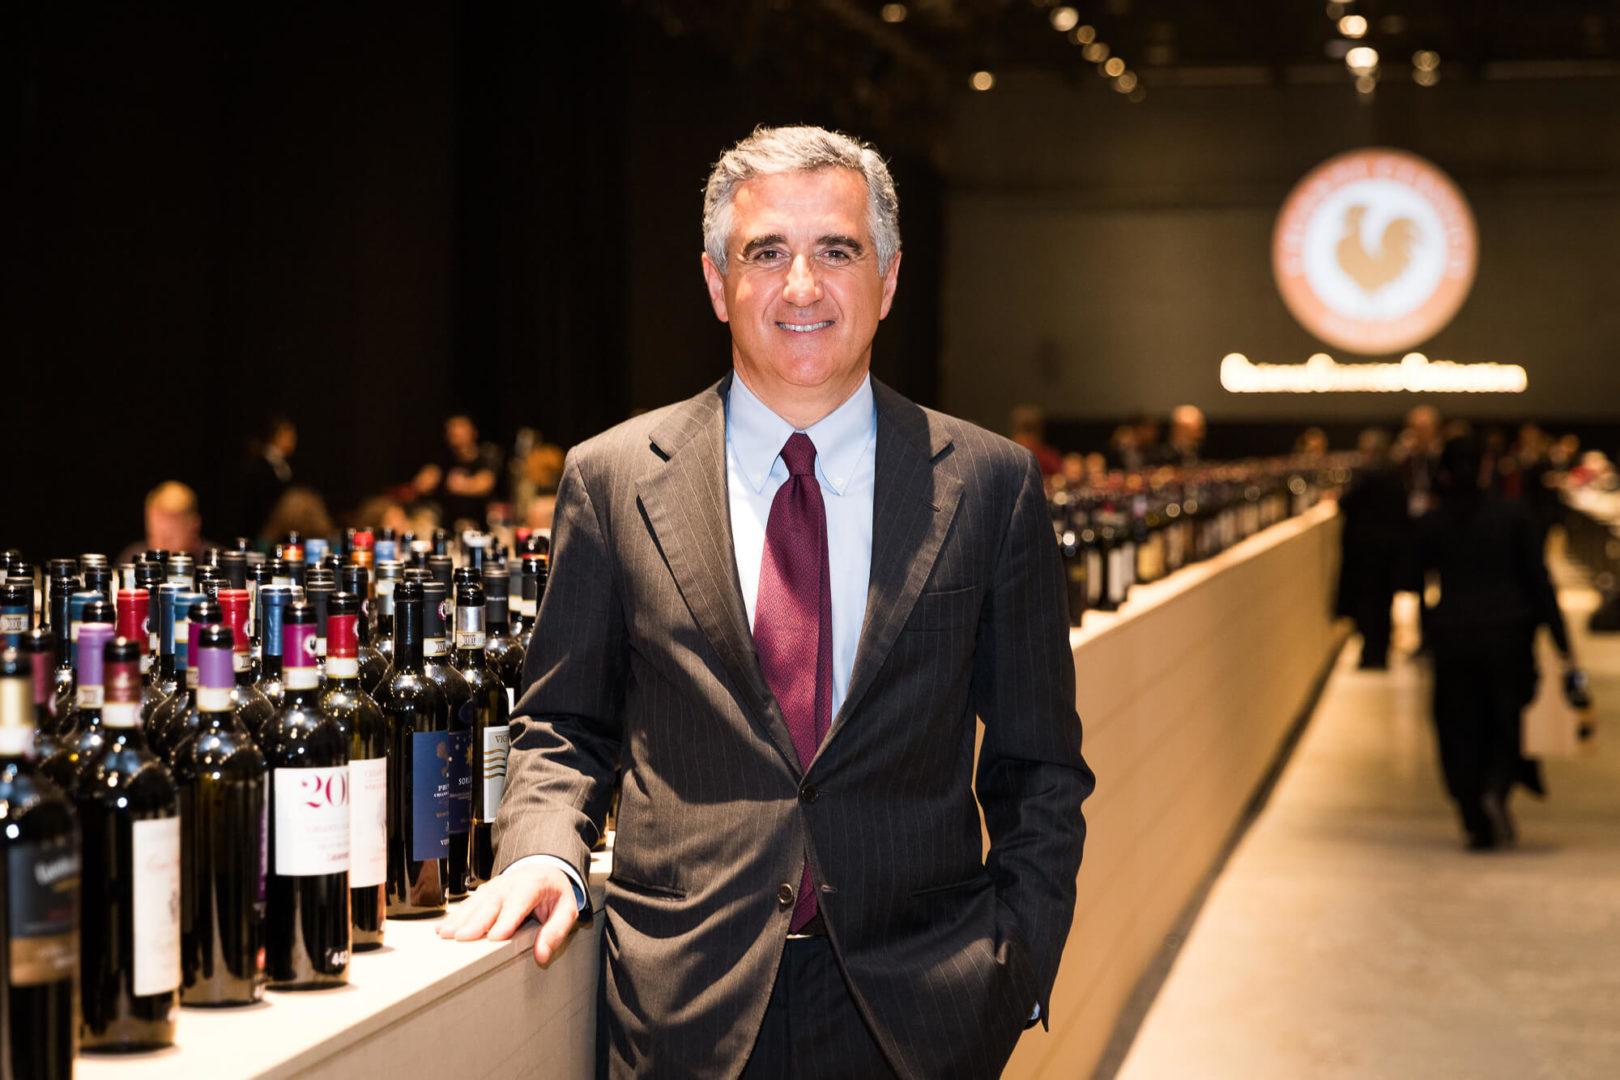 Giovanni Manetti, Präsident des Consorzi Gallo Nero © Gallo Nero